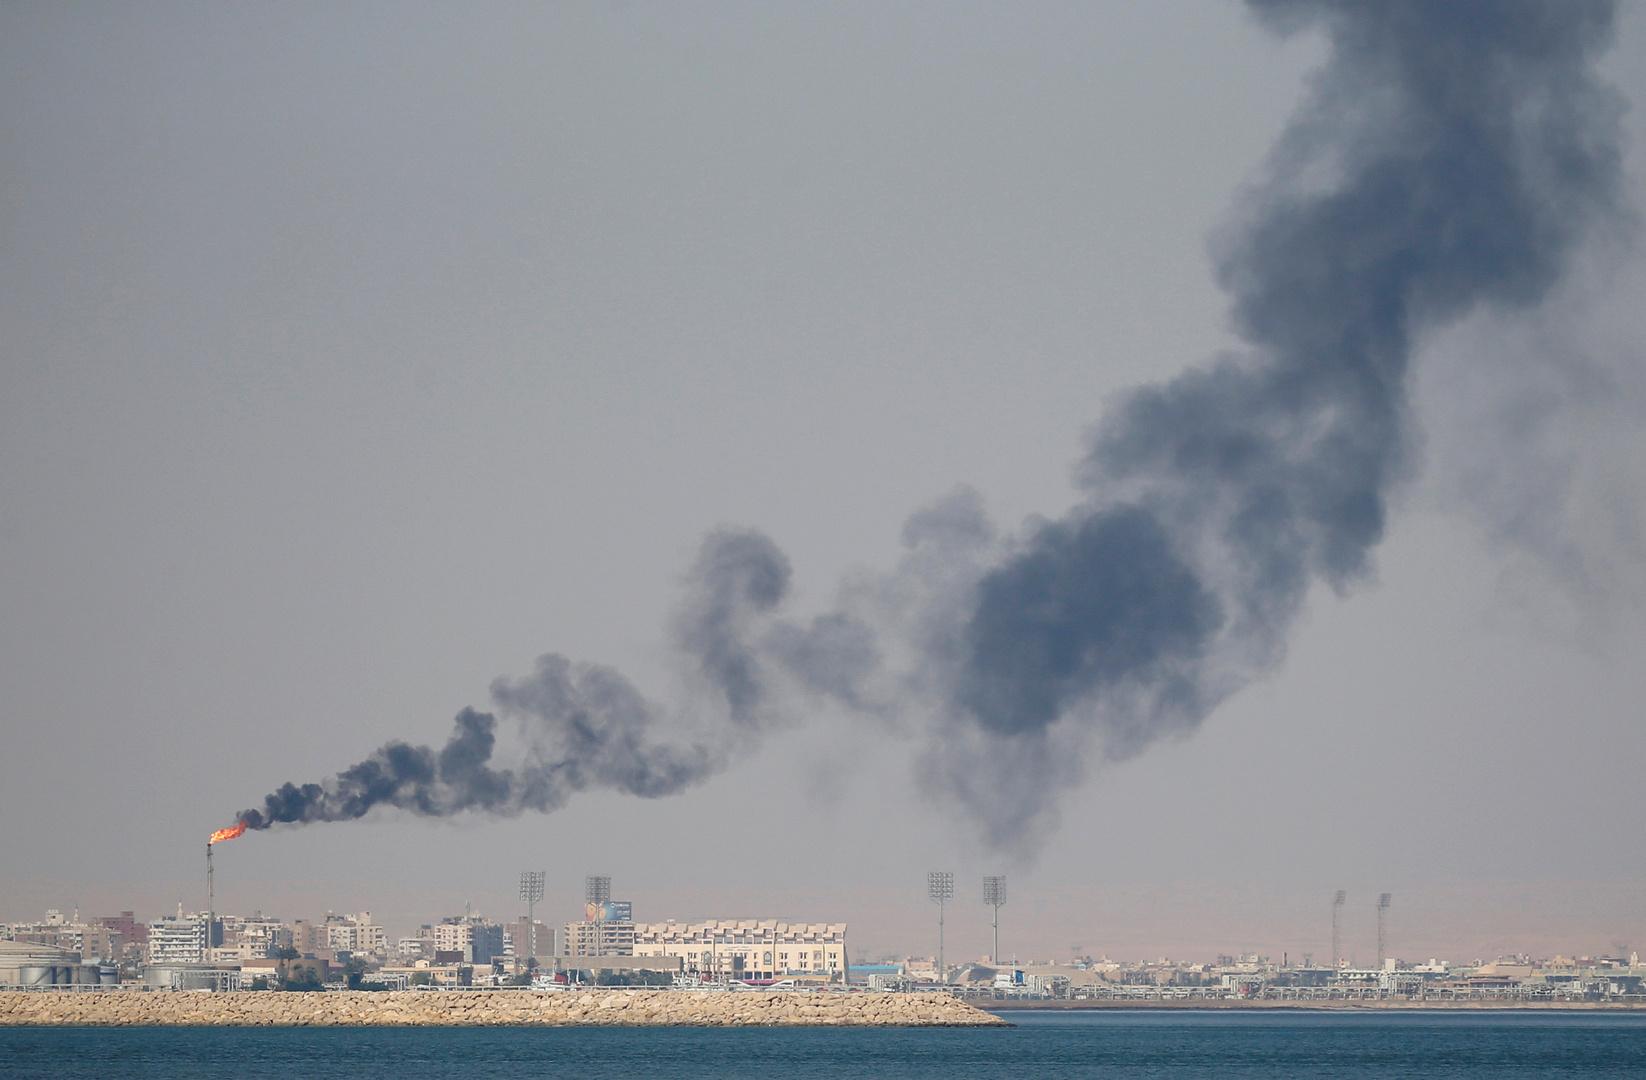 مصر وقبرص تبحثان بدء تنفيذ مشروع خط أنابيب الغاز البحري المشترك